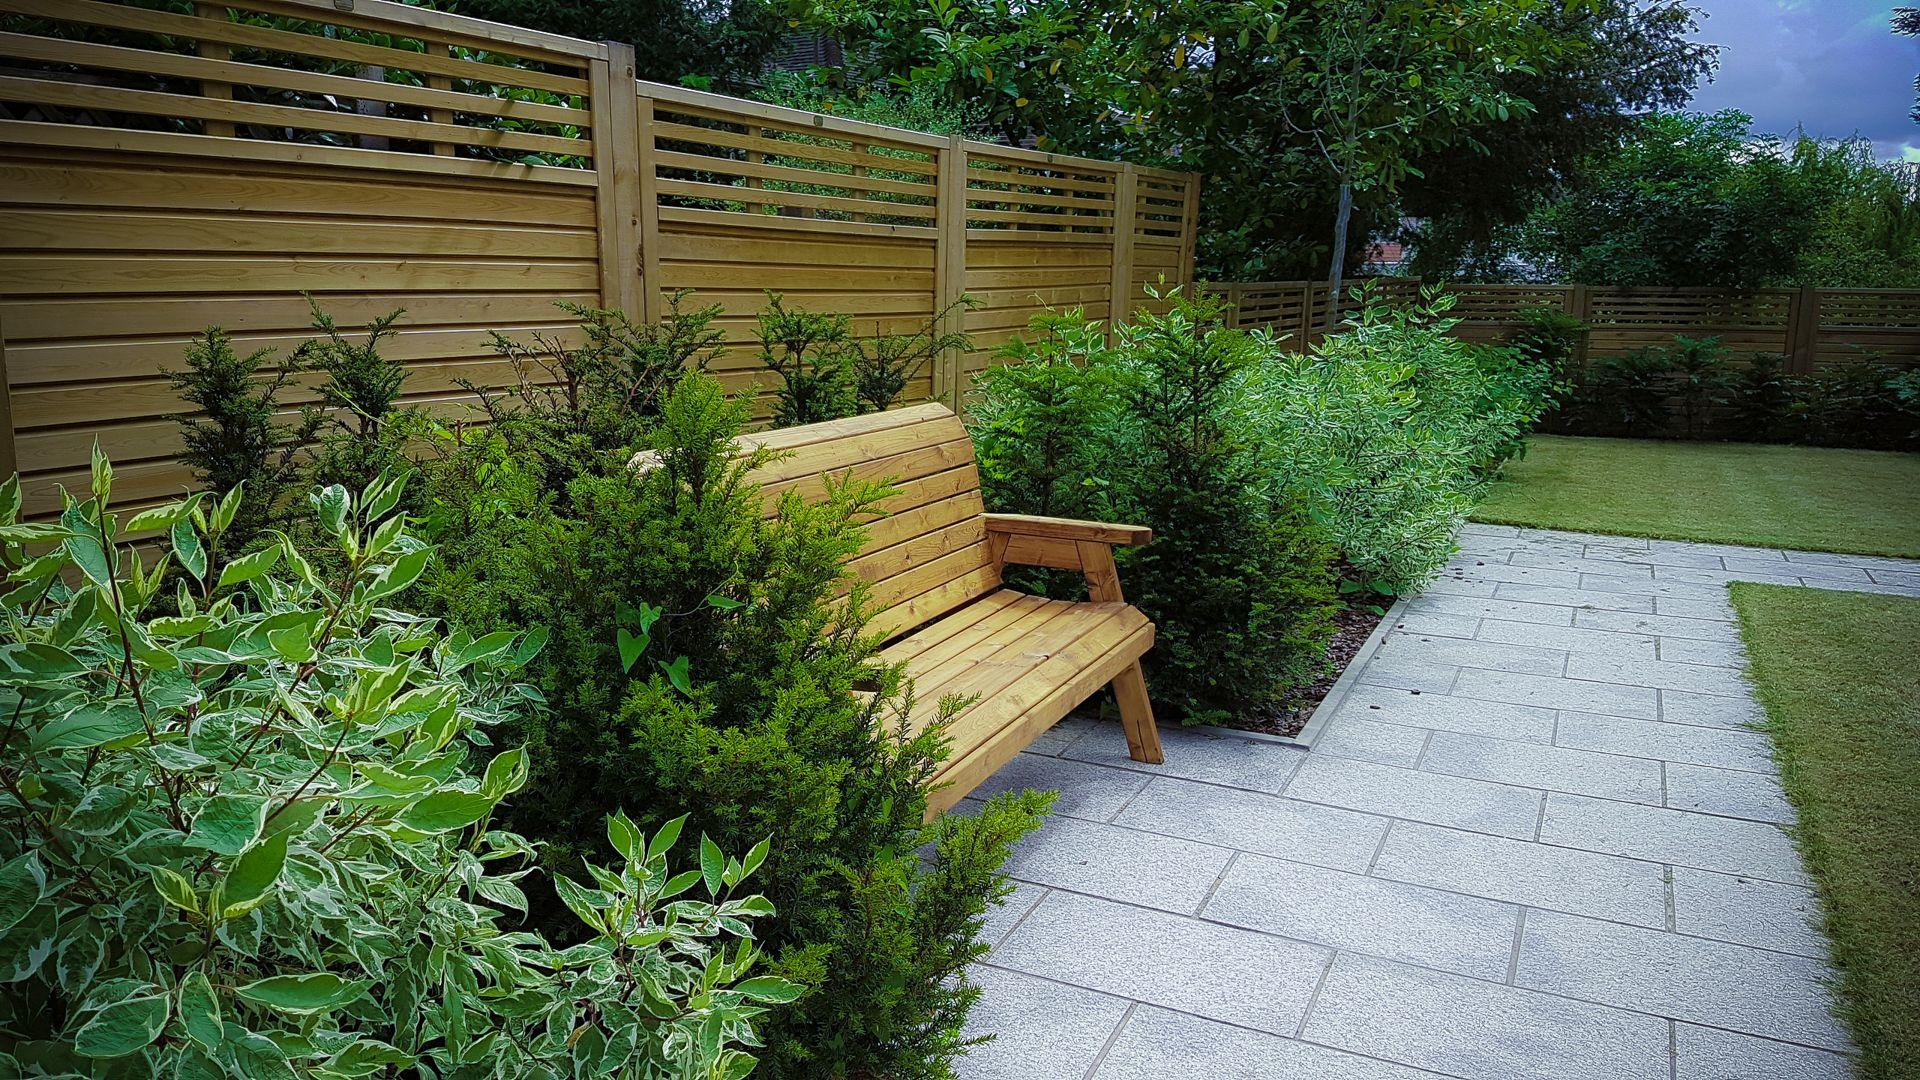 Apartment Garden Design Concept Landscape Architects London